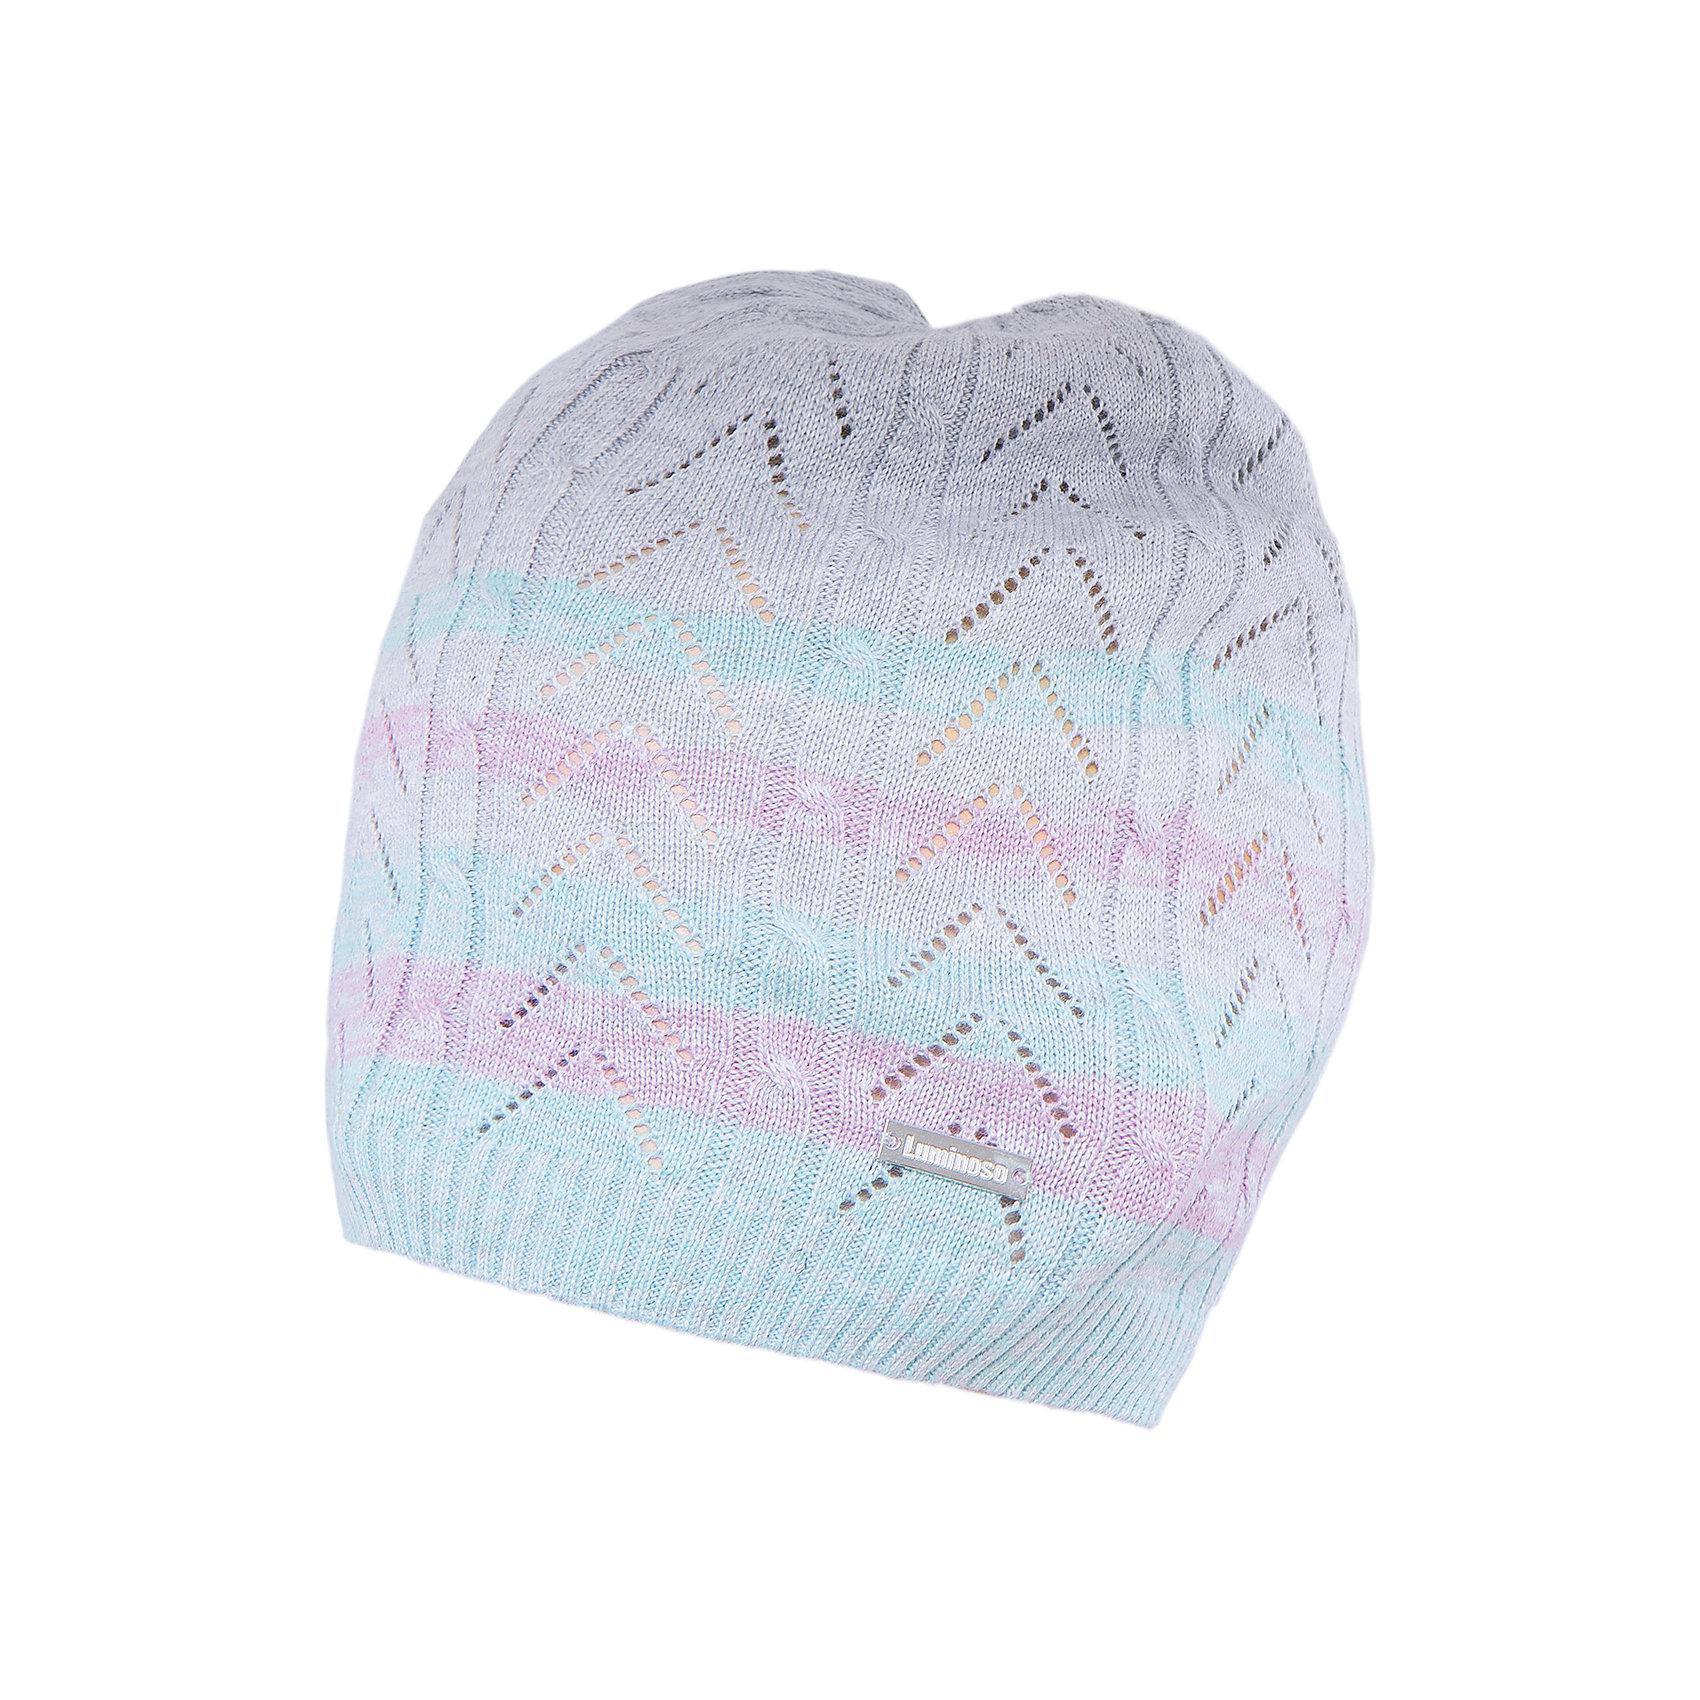 Шапка для девочки LuminosoГоловные уборы<br>Характеристики товара:<br><br>- цвет: разноцветный;<br>- материал: 60% хлопок, 40% акрил;<br>- тонкая пряжа;<br>- резинка по низу;<br>- вязаный узор.<br><br>Стильная одежда от бренда Luminoso (Люминосо), созданная при участии итальянских дизайнеров, учитывает потребности подростков и последние веяния моды. Она удобная и модная.<br>Эта легкая вязаная шапка - для прохладной погоды. Она хорошо сидит на ребенке, обеспечивает комфорт и отлично сочетается с одежной разных стилей. Модель отличается высоким качеством пряжи и продуманным дизайном.<br><br>Шапку для девочки от бренда Luminoso (Люминосо) можно купить в нашем интернет-магазине.<br><br>Ширина мм: 89<br>Глубина мм: 117<br>Высота мм: 44<br>Вес г: 155<br>Цвет: серый<br>Возраст от месяцев: 72<br>Возраст до месяцев: 84<br>Пол: Женский<br>Возраст: Детский<br>Размер: 56,54<br>SKU: 4929464